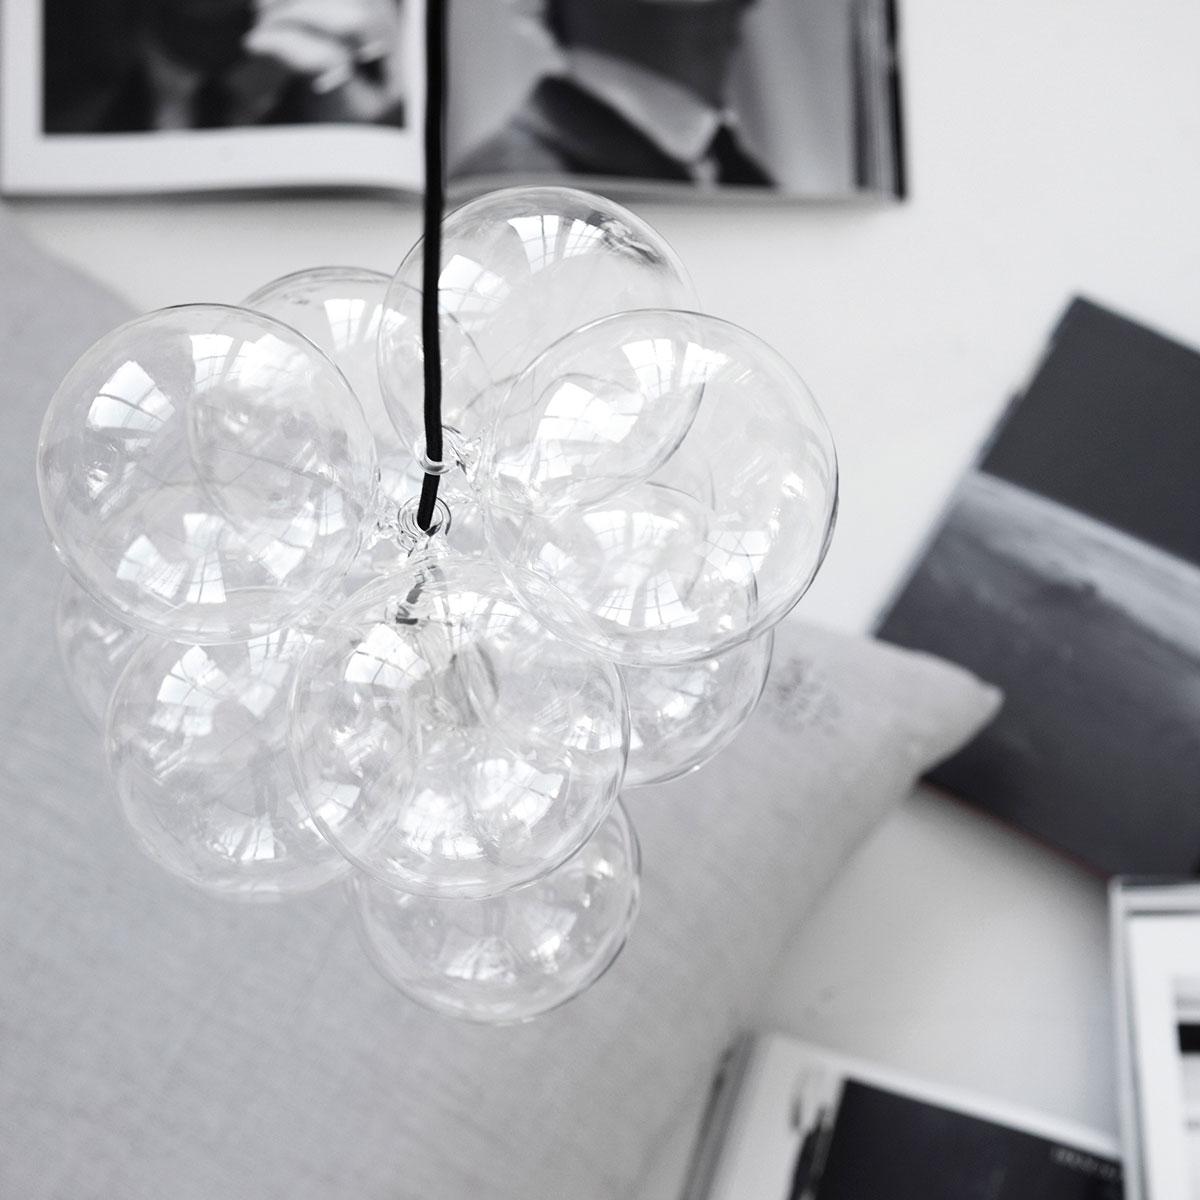 Lampe-i-glas-fra-House-Doctor